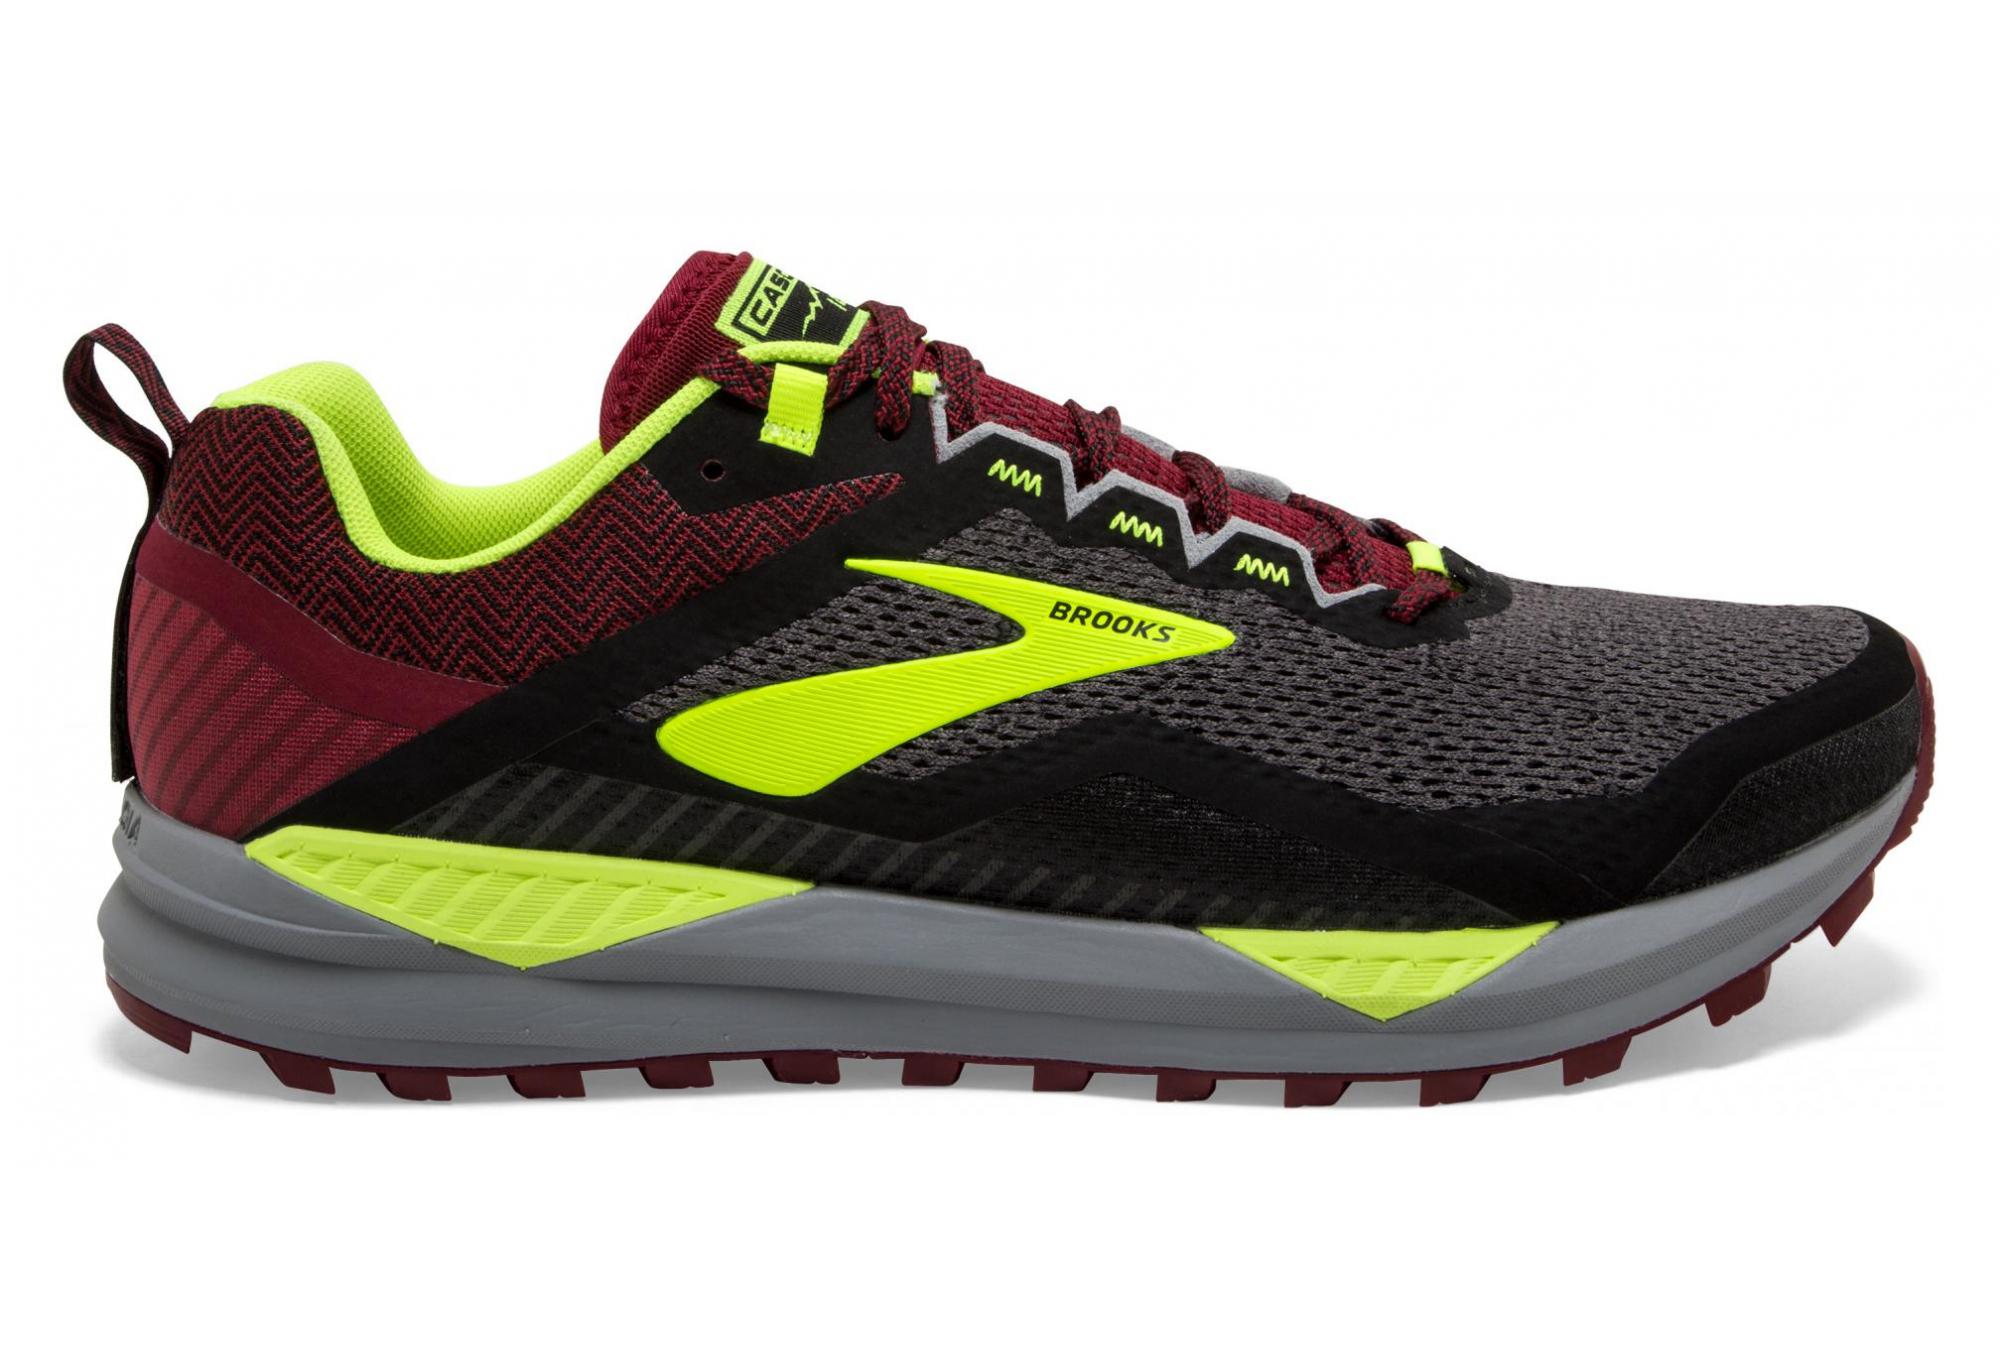 Brooks Cascadia 14 Zapatillas de Running para Hombre